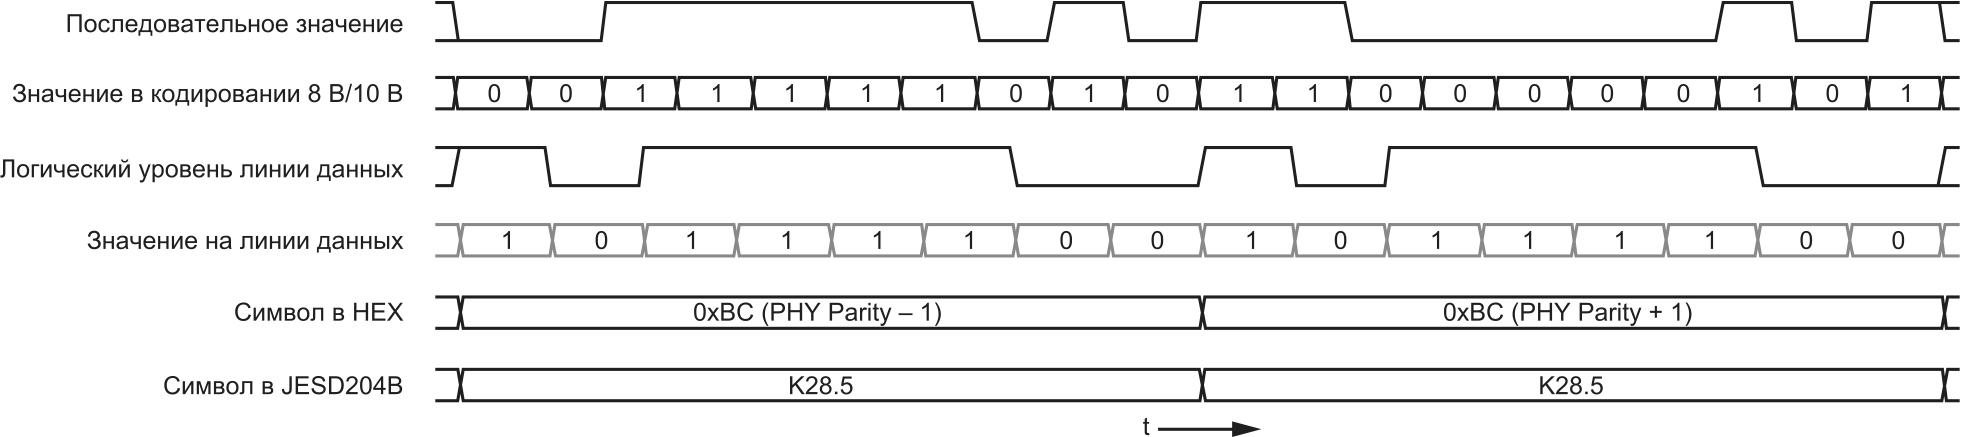 Состояние логических выходов при передаче символов K28.5 и распространение сигнала по тракту JESD204B Tx